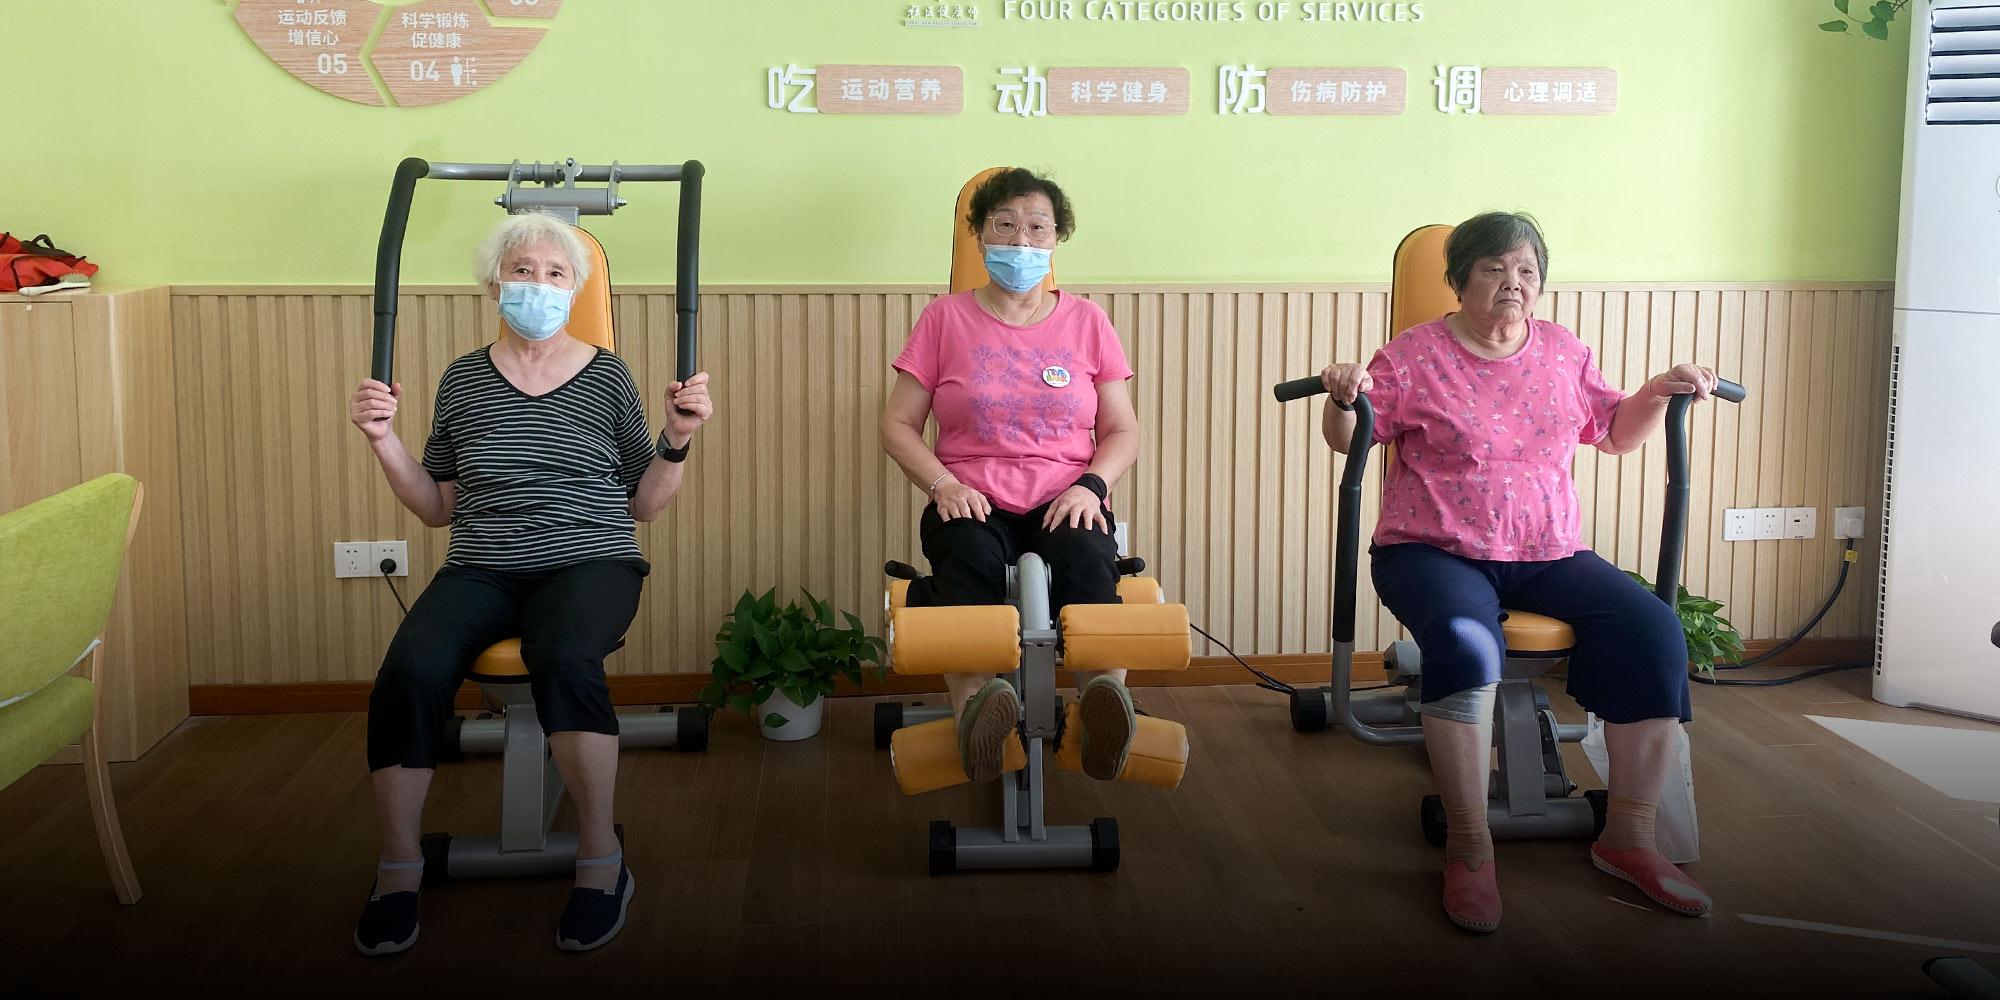 Trung Quốc triển khai mô hình Ngân hàng thời gian để giảm tải áp lực già hóa dân số. Ảnh: Sixthtone